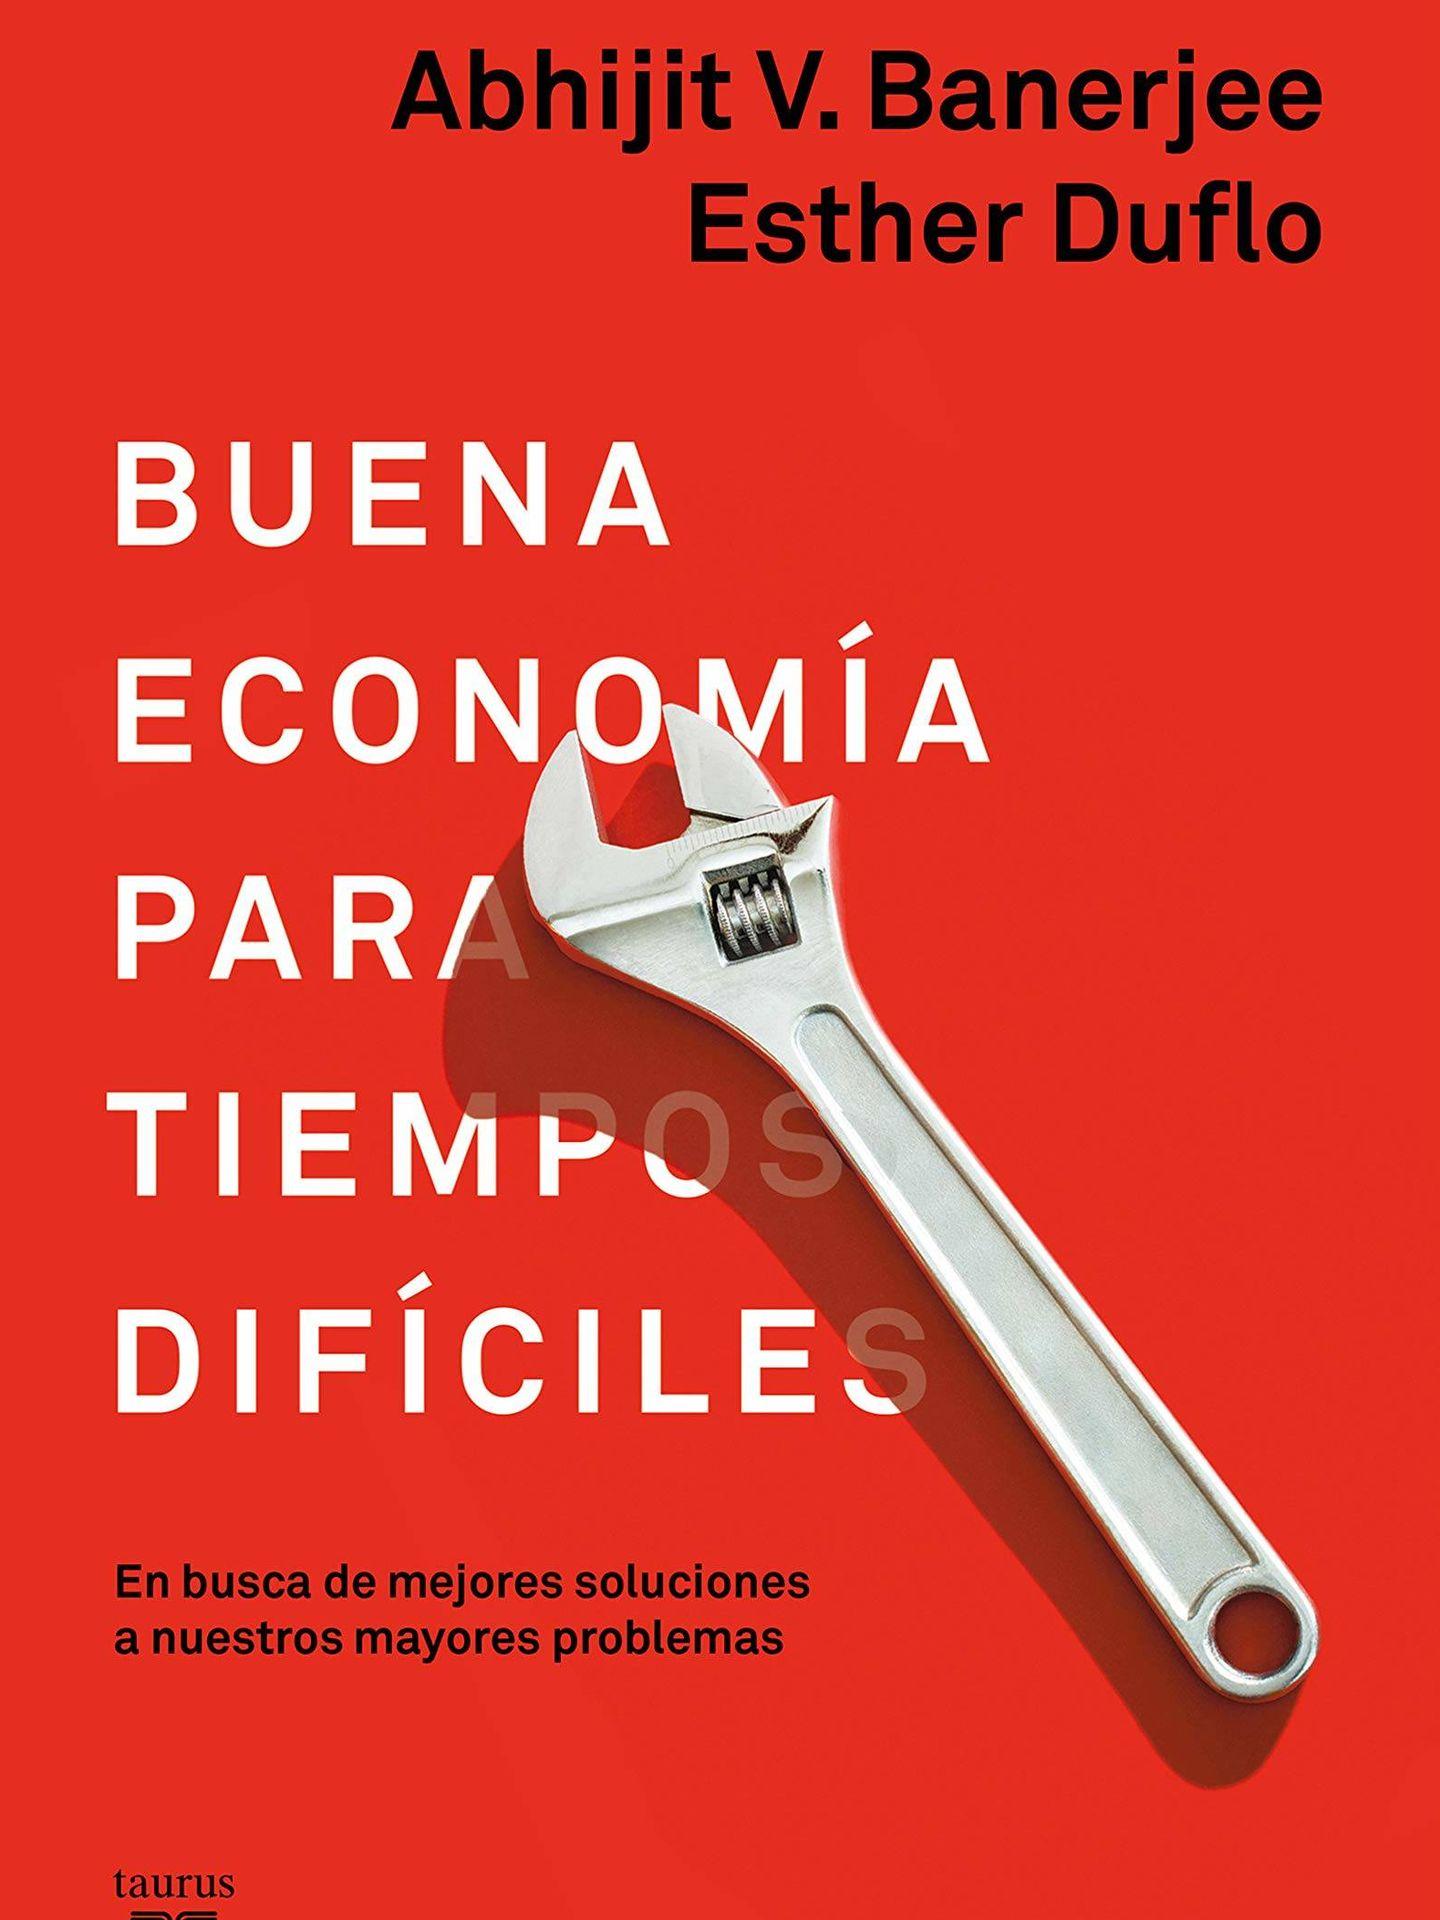 'Buena economía para tiempos difíciles'.